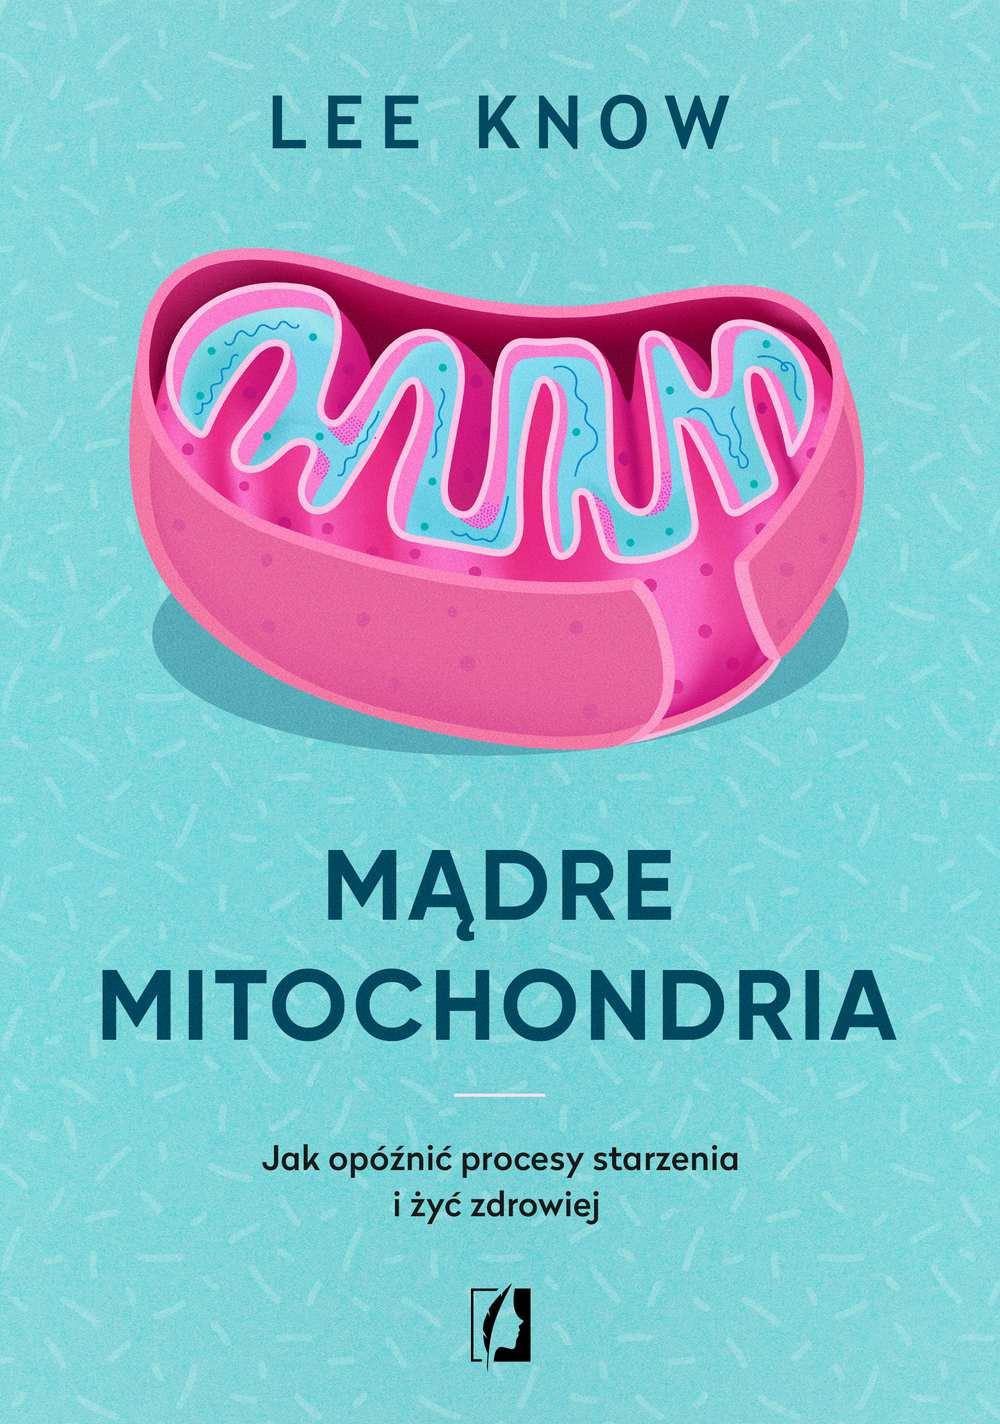 Mądre mitochondria. Jak opóźnić procesy starzenia i żyć zdrowiej - Ebook (Książka EPUB) do pobrania w formacie EPUB